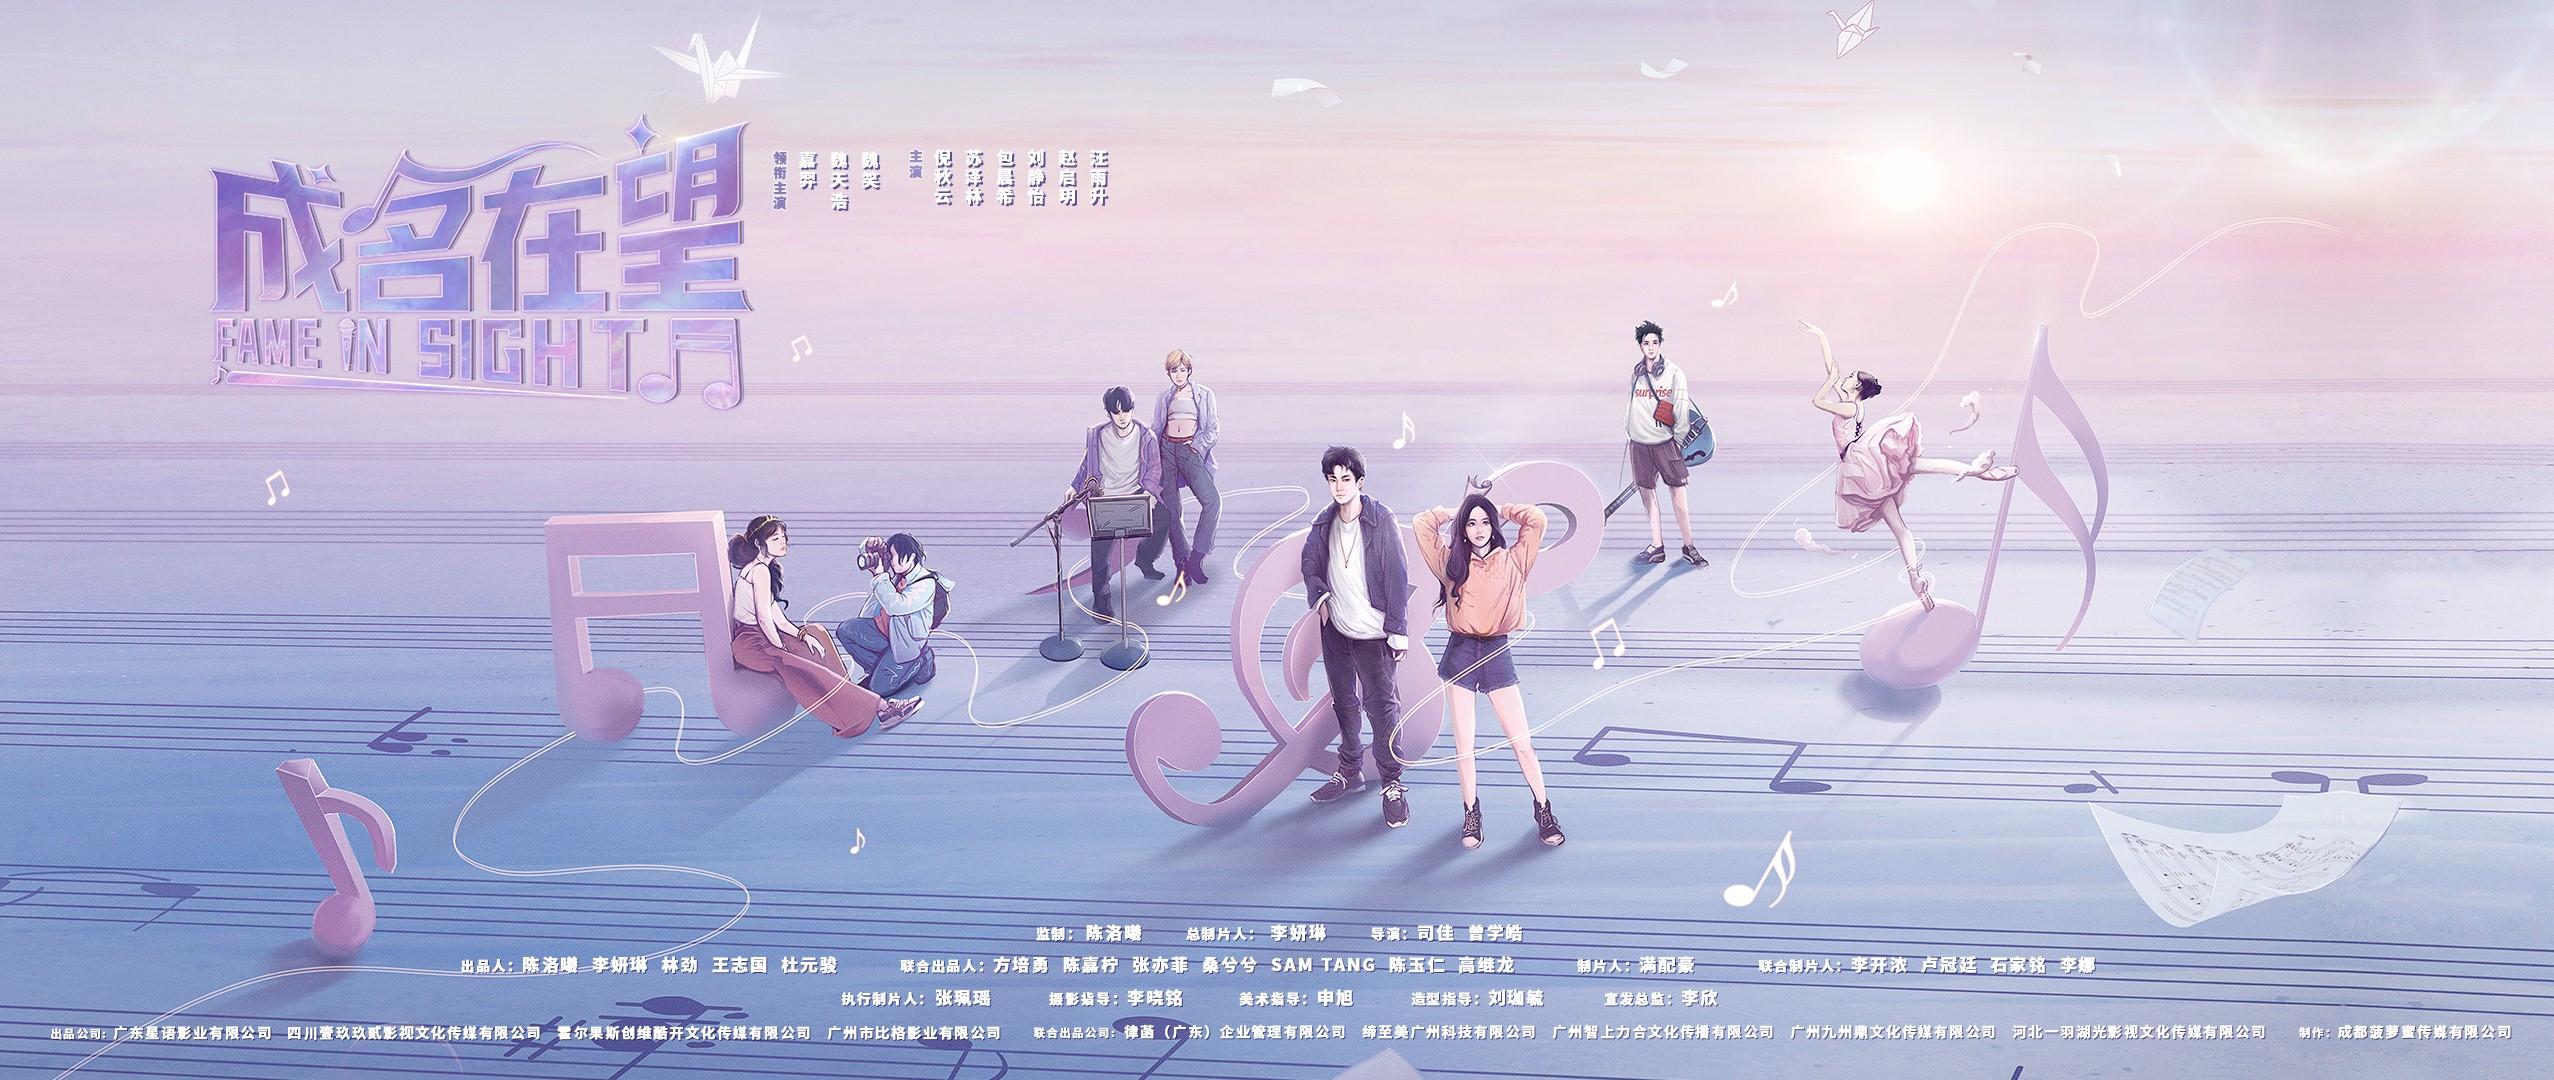 青春歌舞网剧《成名在望》今日开机 (1).jpg